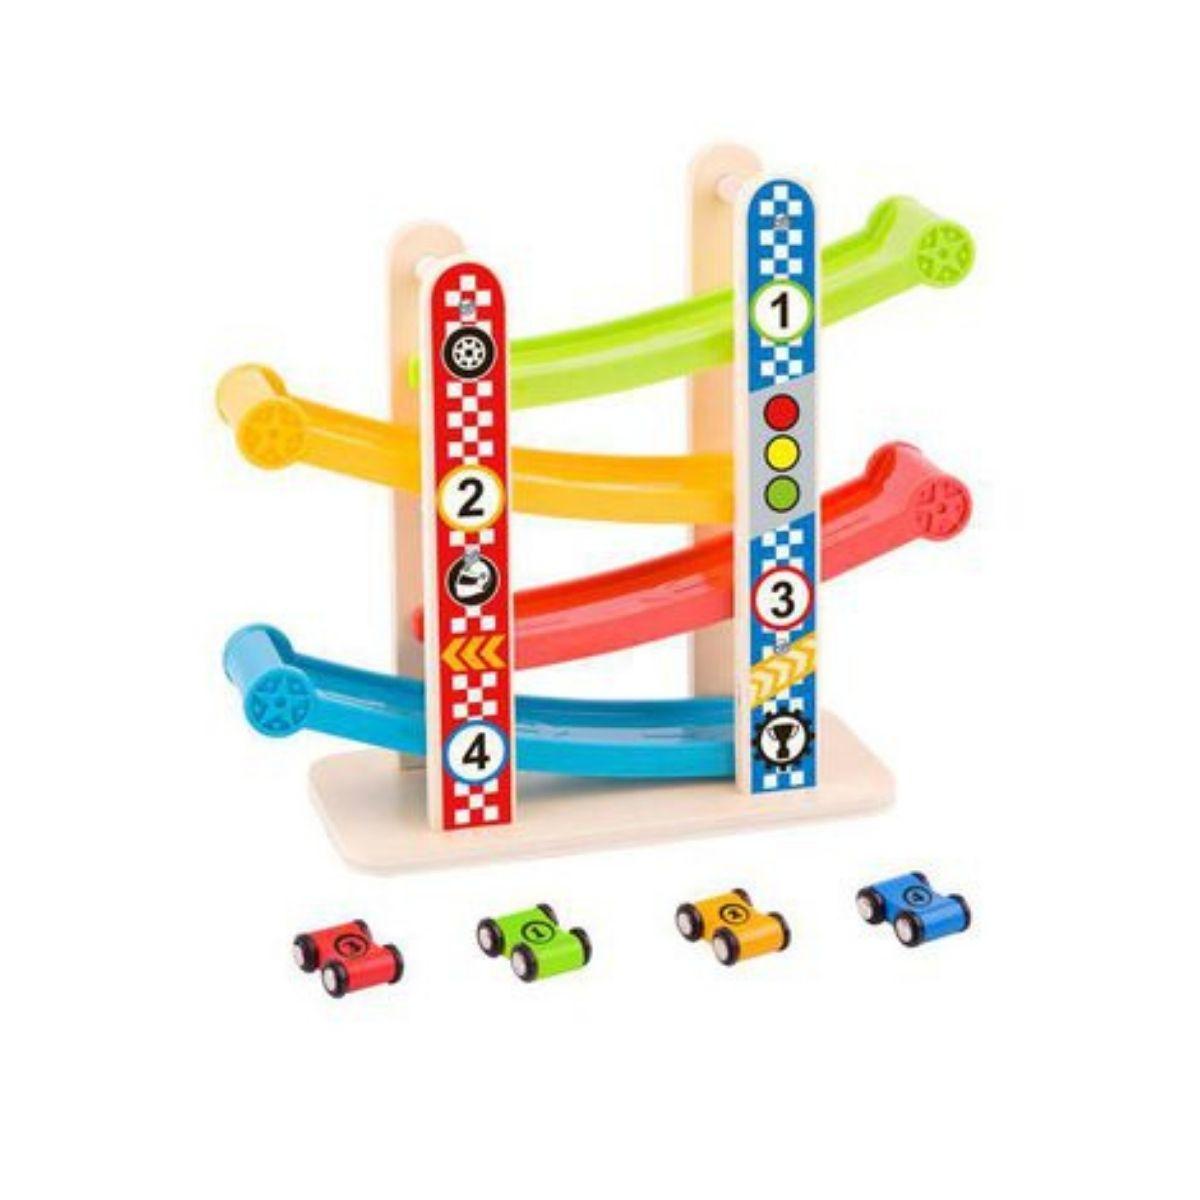 Brinquedo Montessori De Madeira Super Torre De Carros